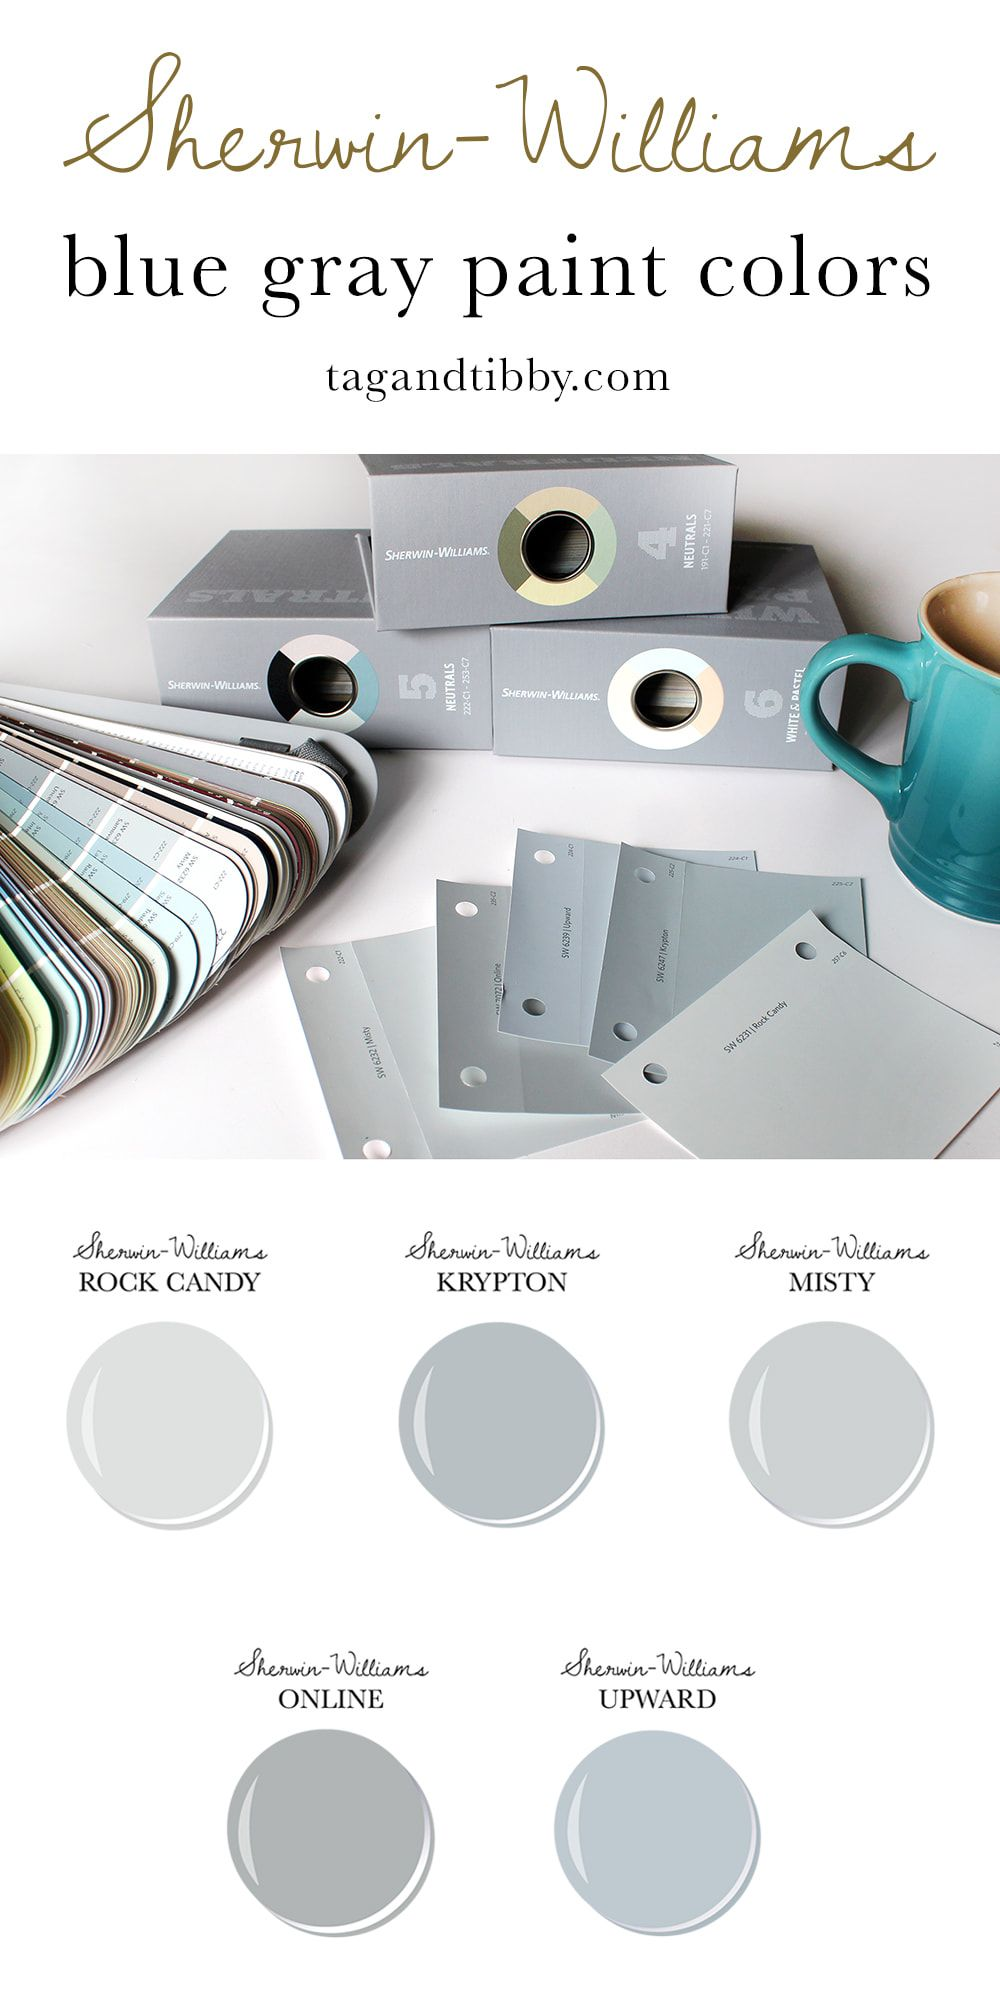 The Best 5 Blue Gray Paint Colors images